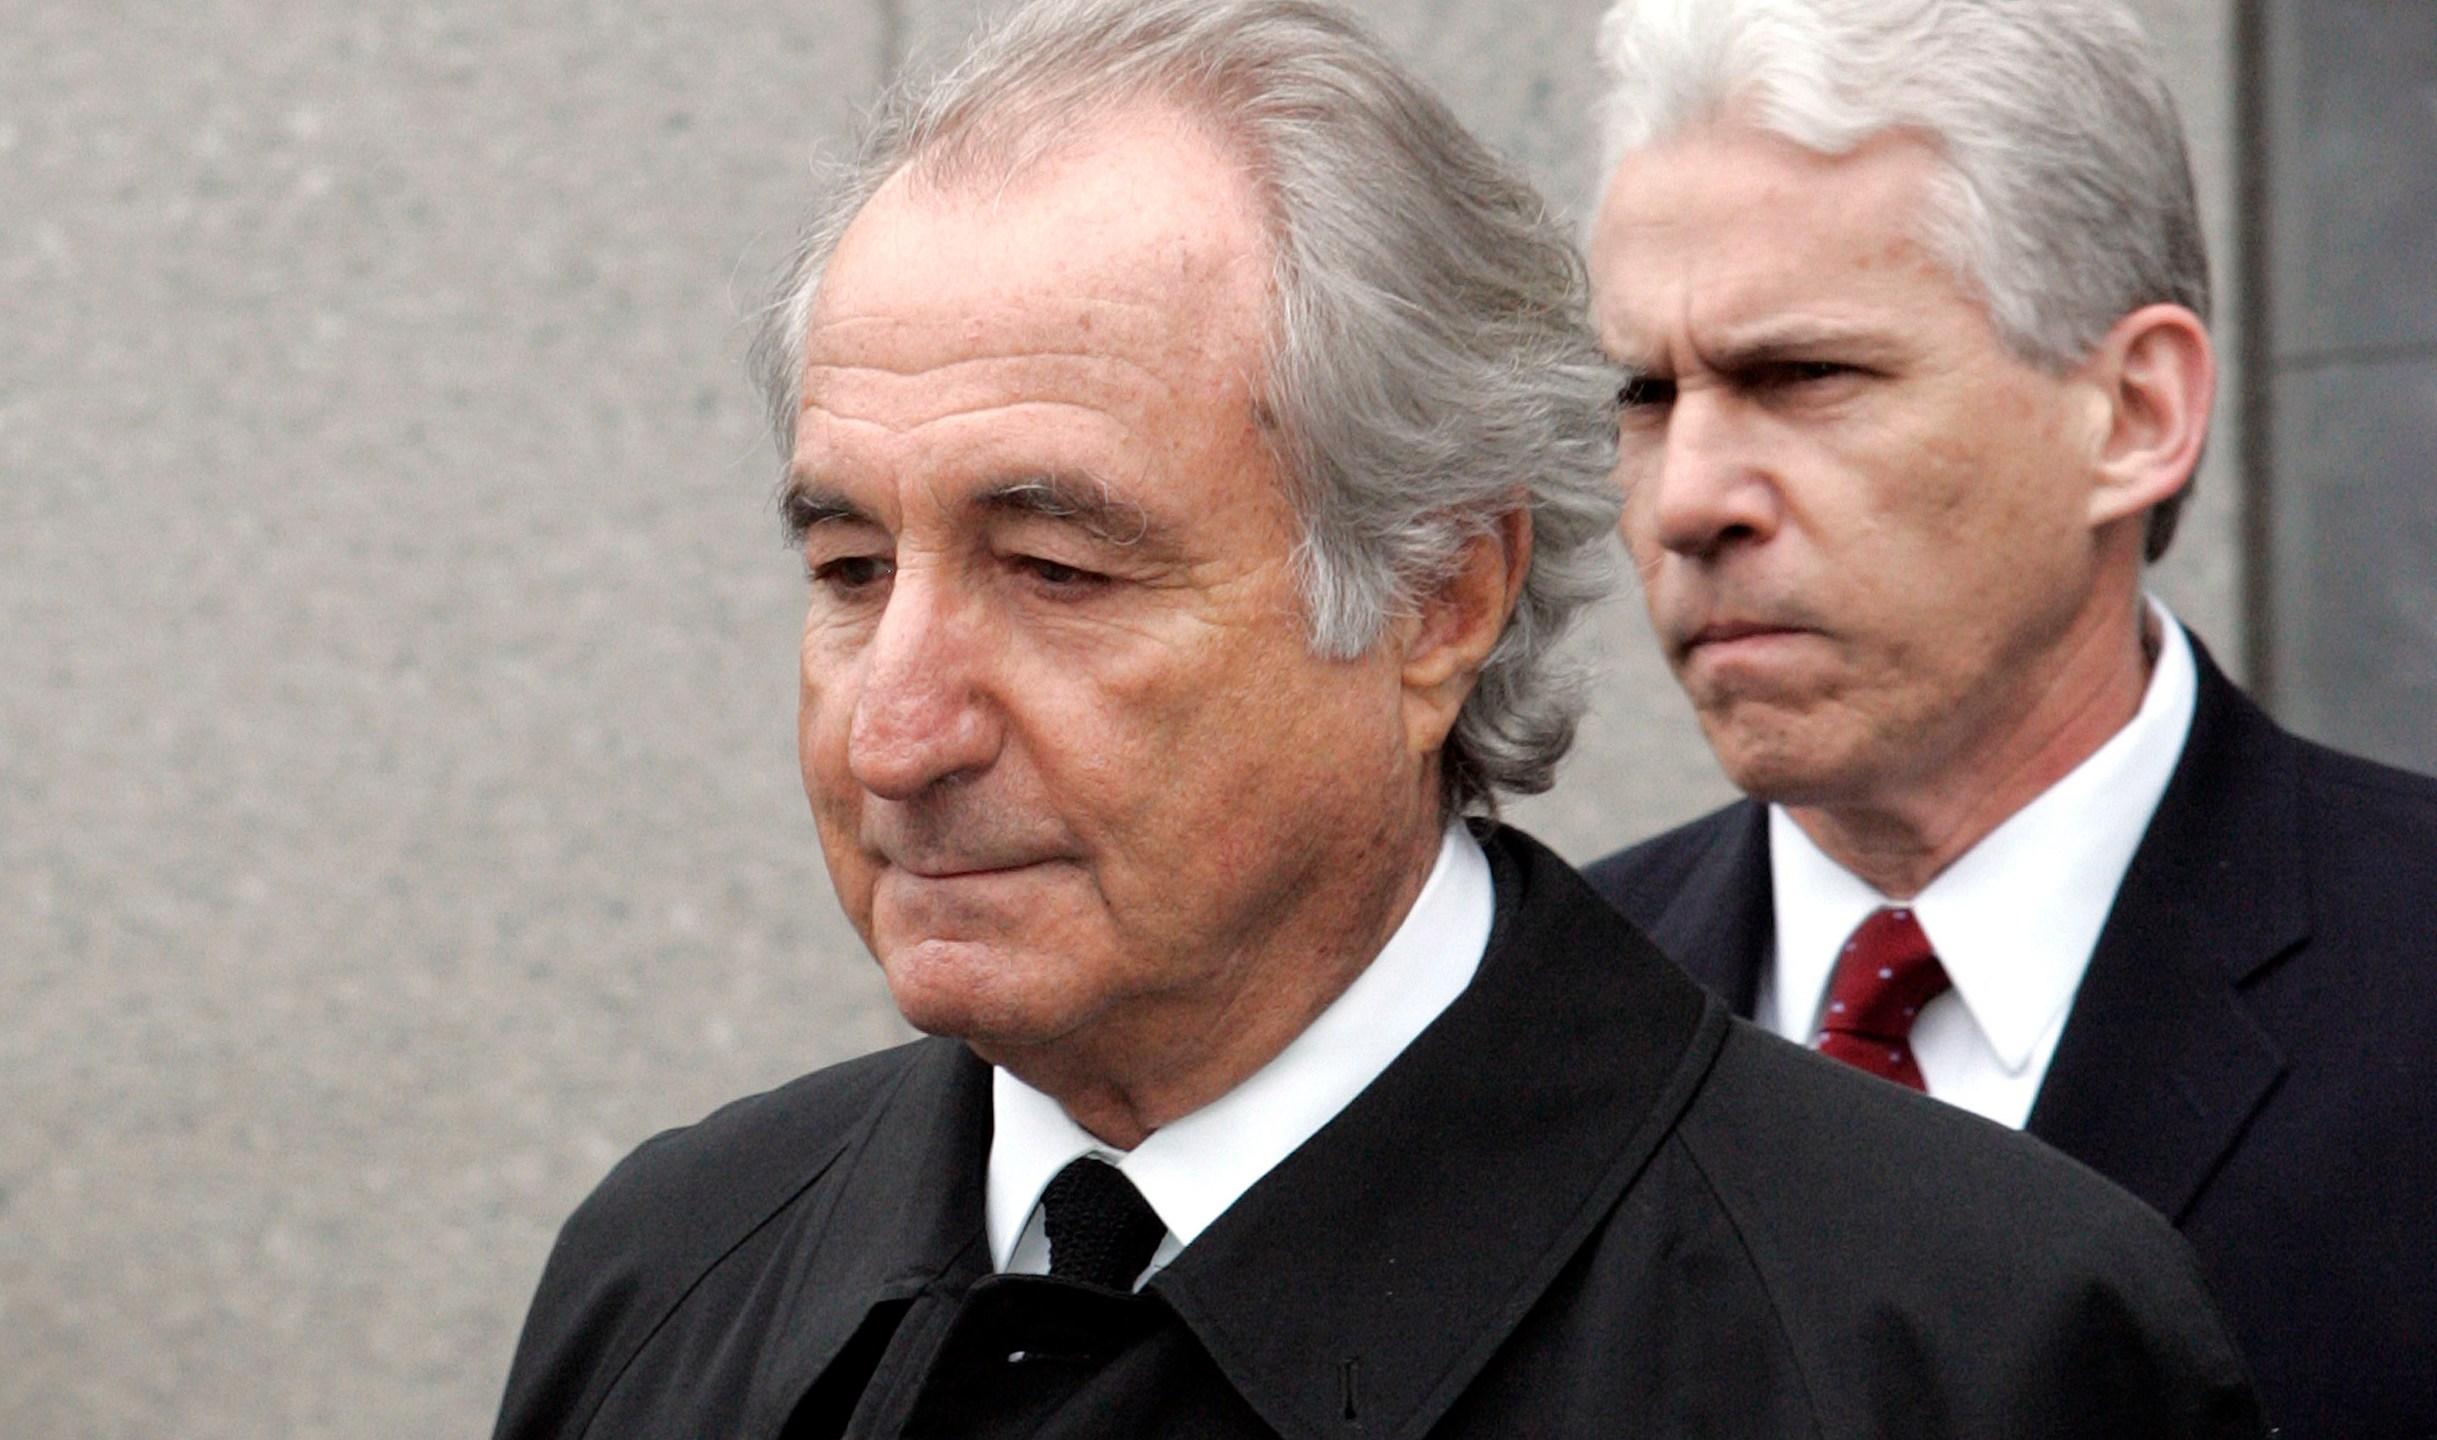 Bernie Madoff, Bernard Madoff